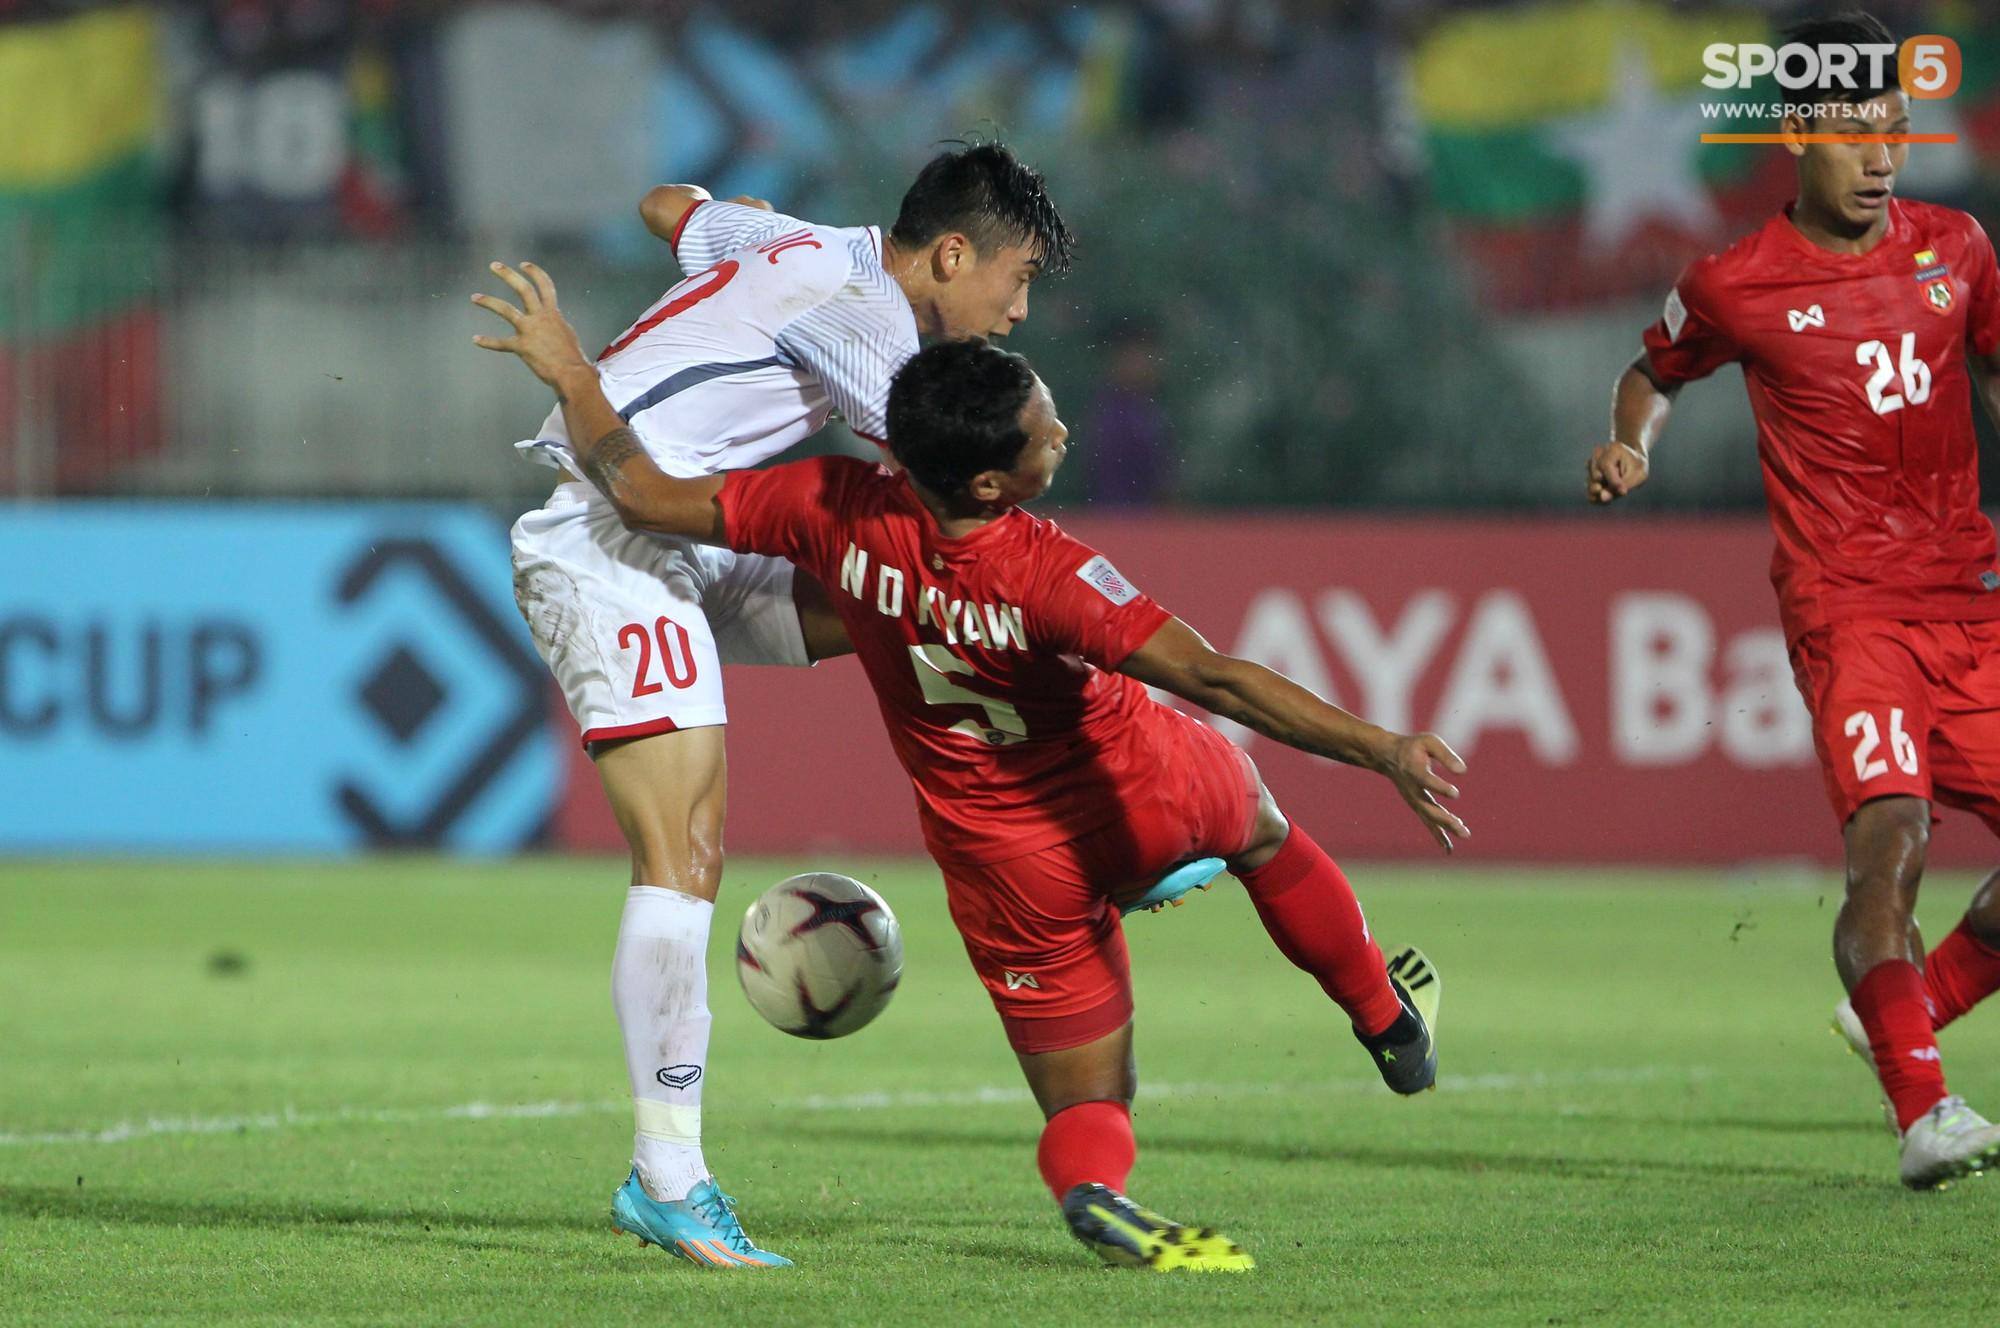 Vì sao cầu thủ tuyển Việt Nam sút trượt liên tiếp trong trận gặp Myanmar?-3